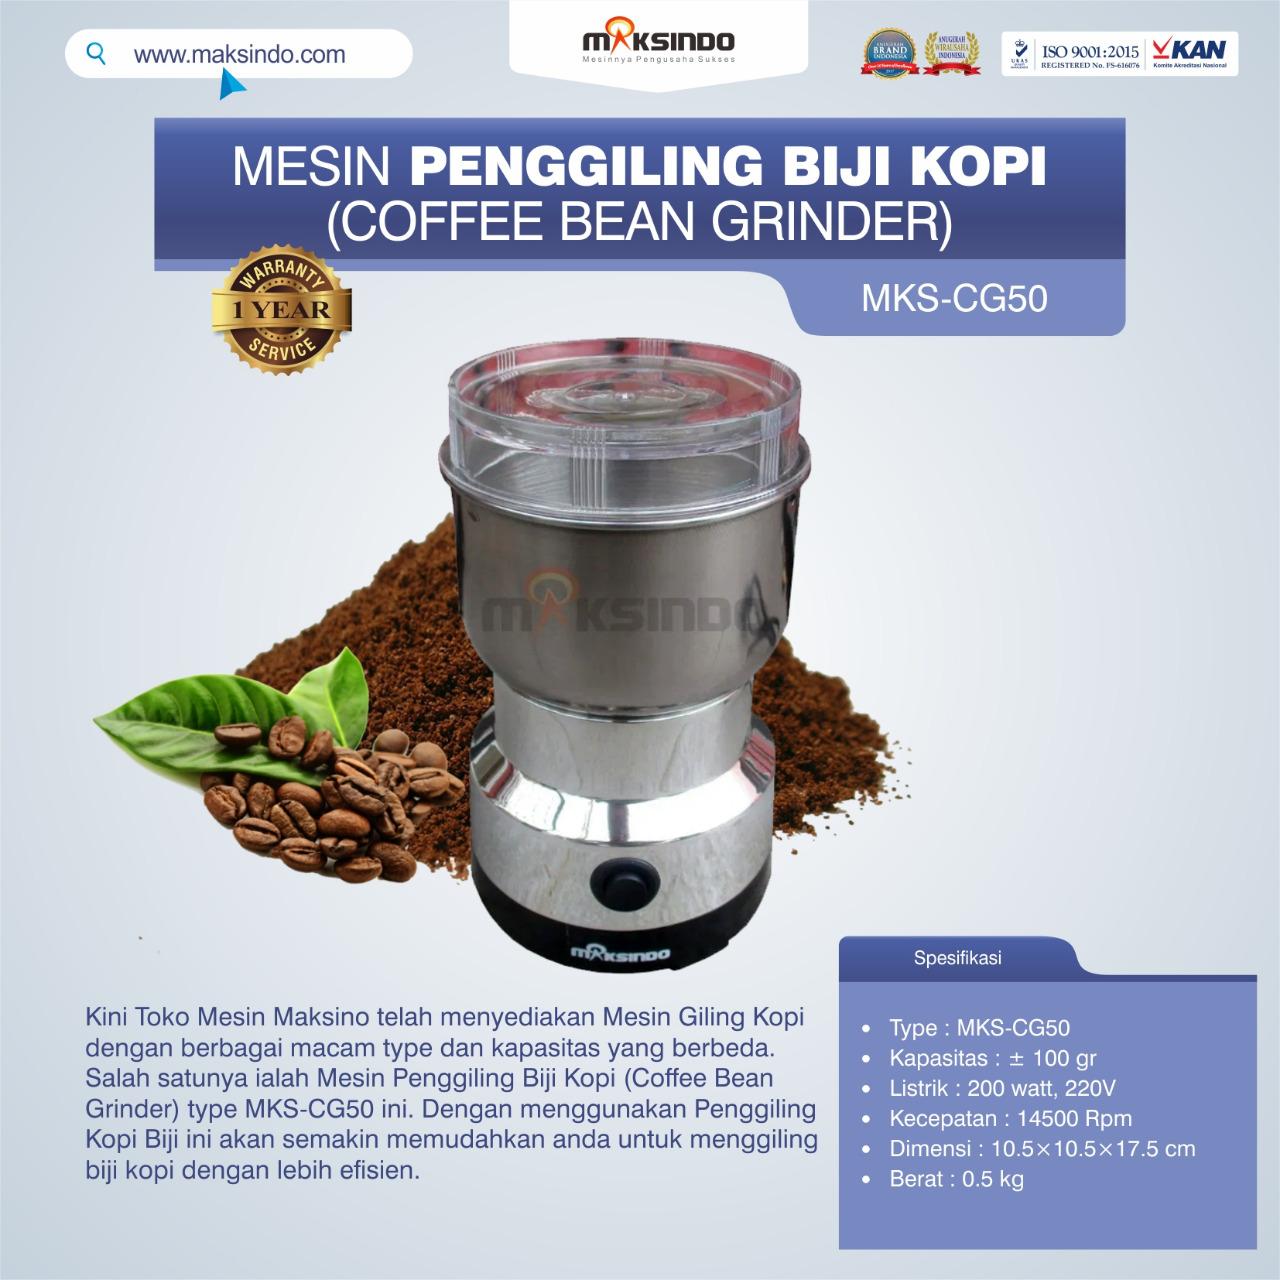 Jual Penggiling Biji Kopi (Coffee Bean Grinder) MKS-CG50 di Makassar